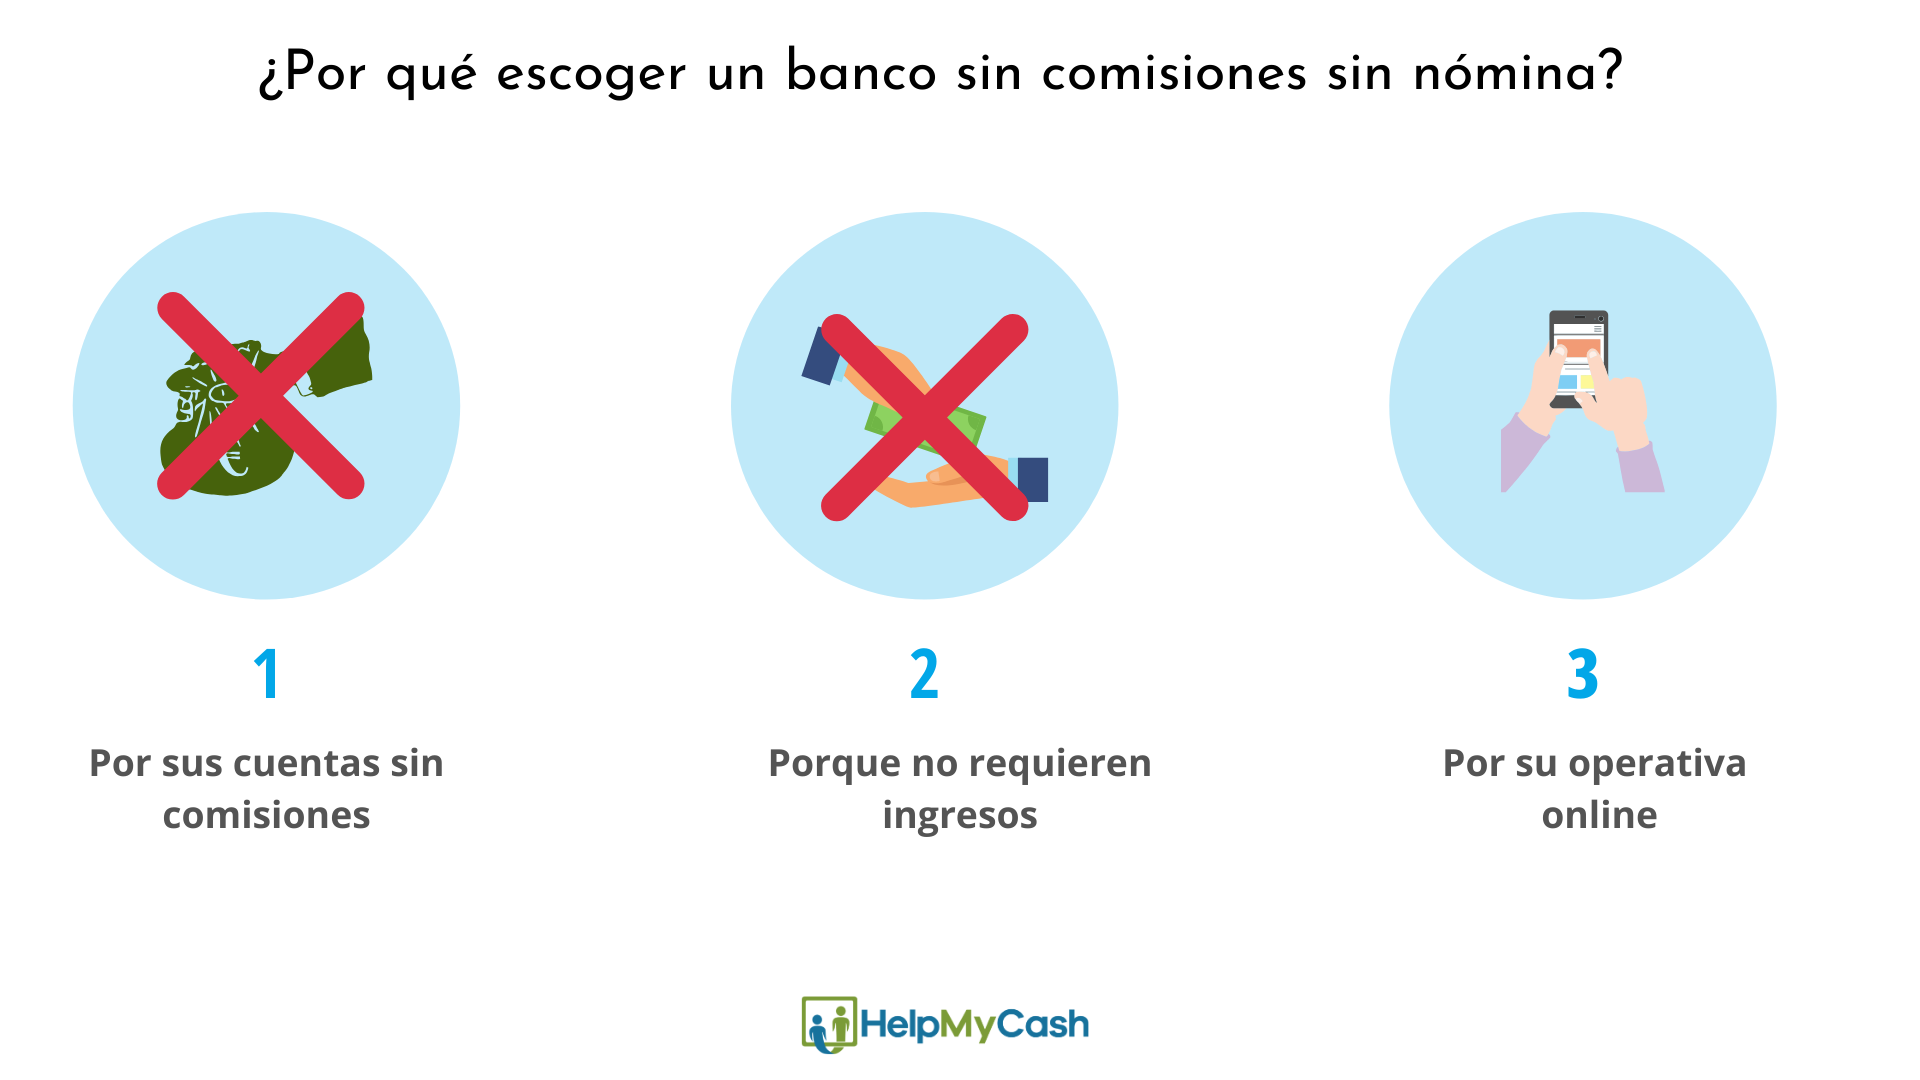 Escoger un banco sin comisiones sin nómina 1- por sus cuentas sin comisiones. 2- porque no requieren ingresos. 3-por su operativa online.